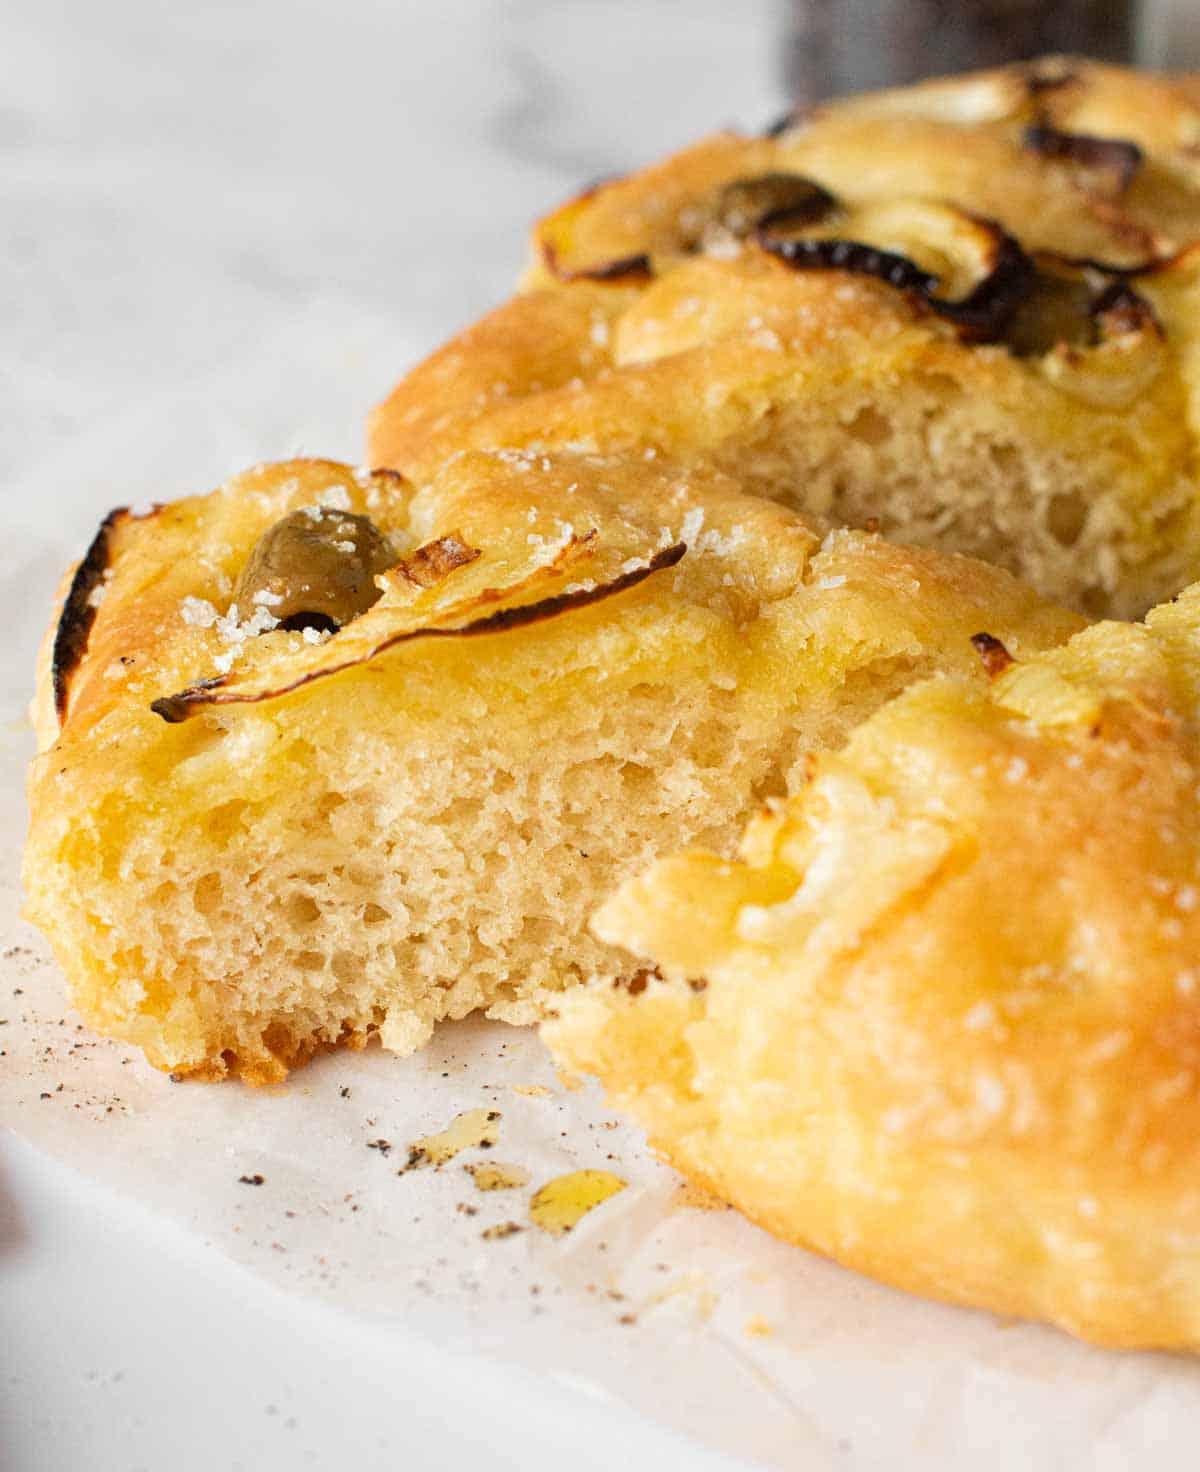 Image: focaccia no knead